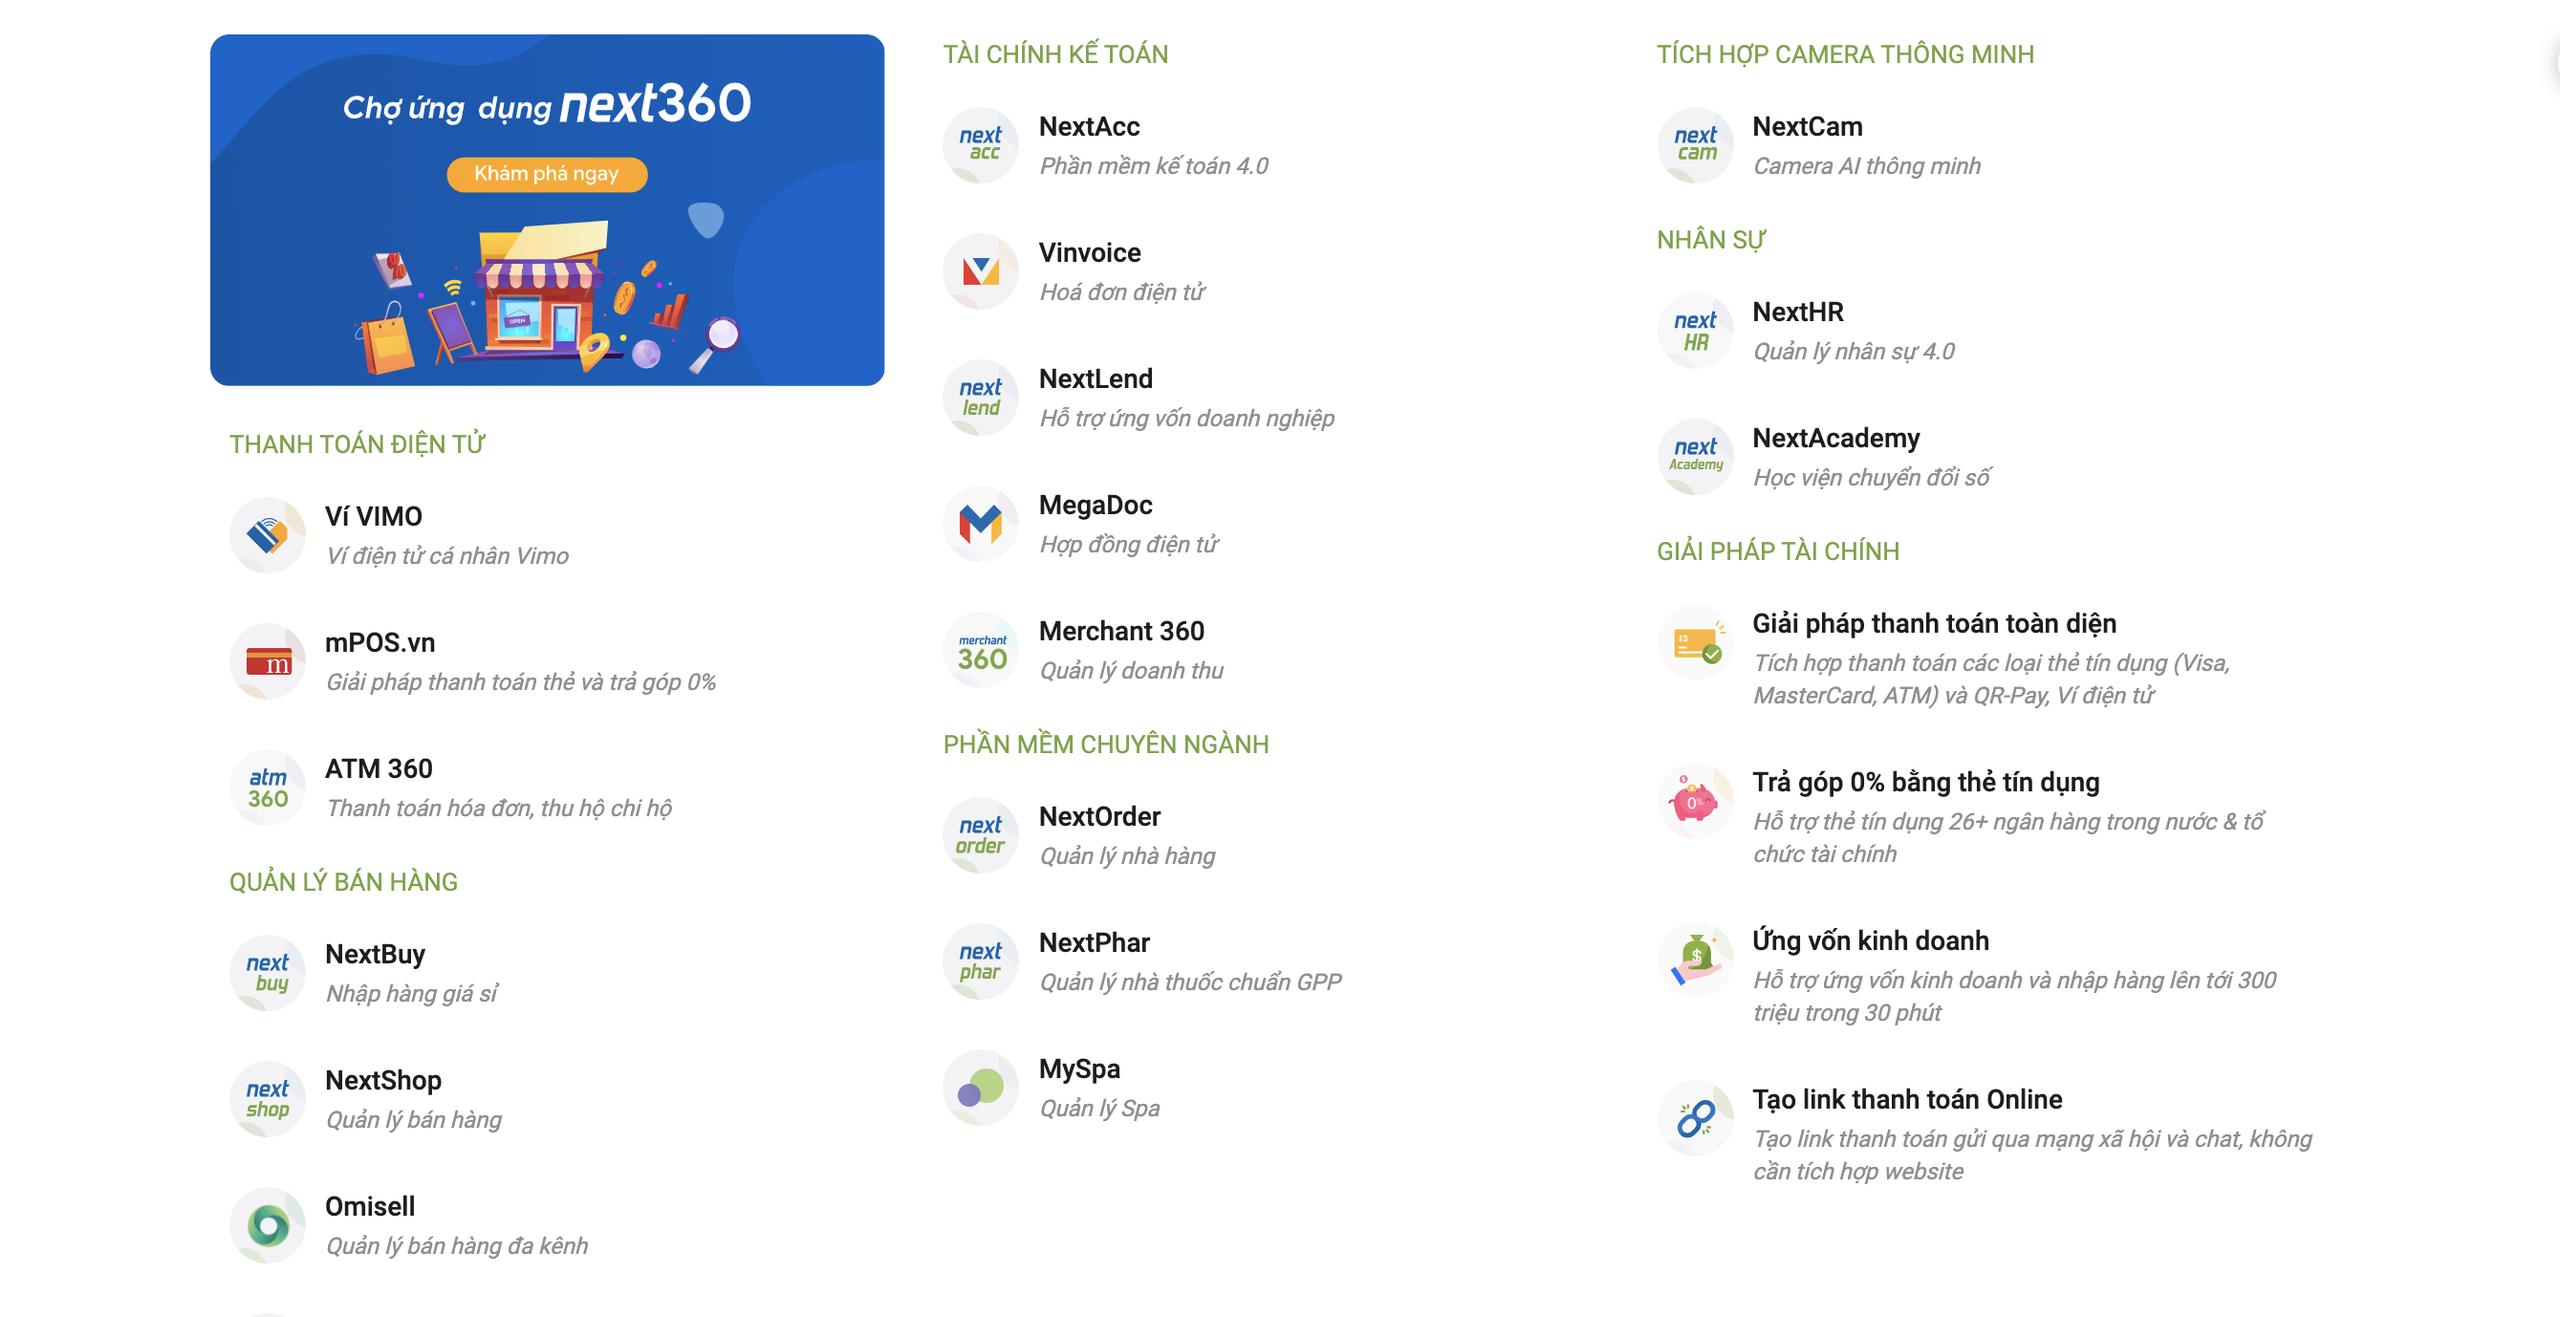 Hệ sinh thái Next360.vn ra mắt, hỗ trợ chuyển đổi số doanh nghiệp - Ảnh 1.